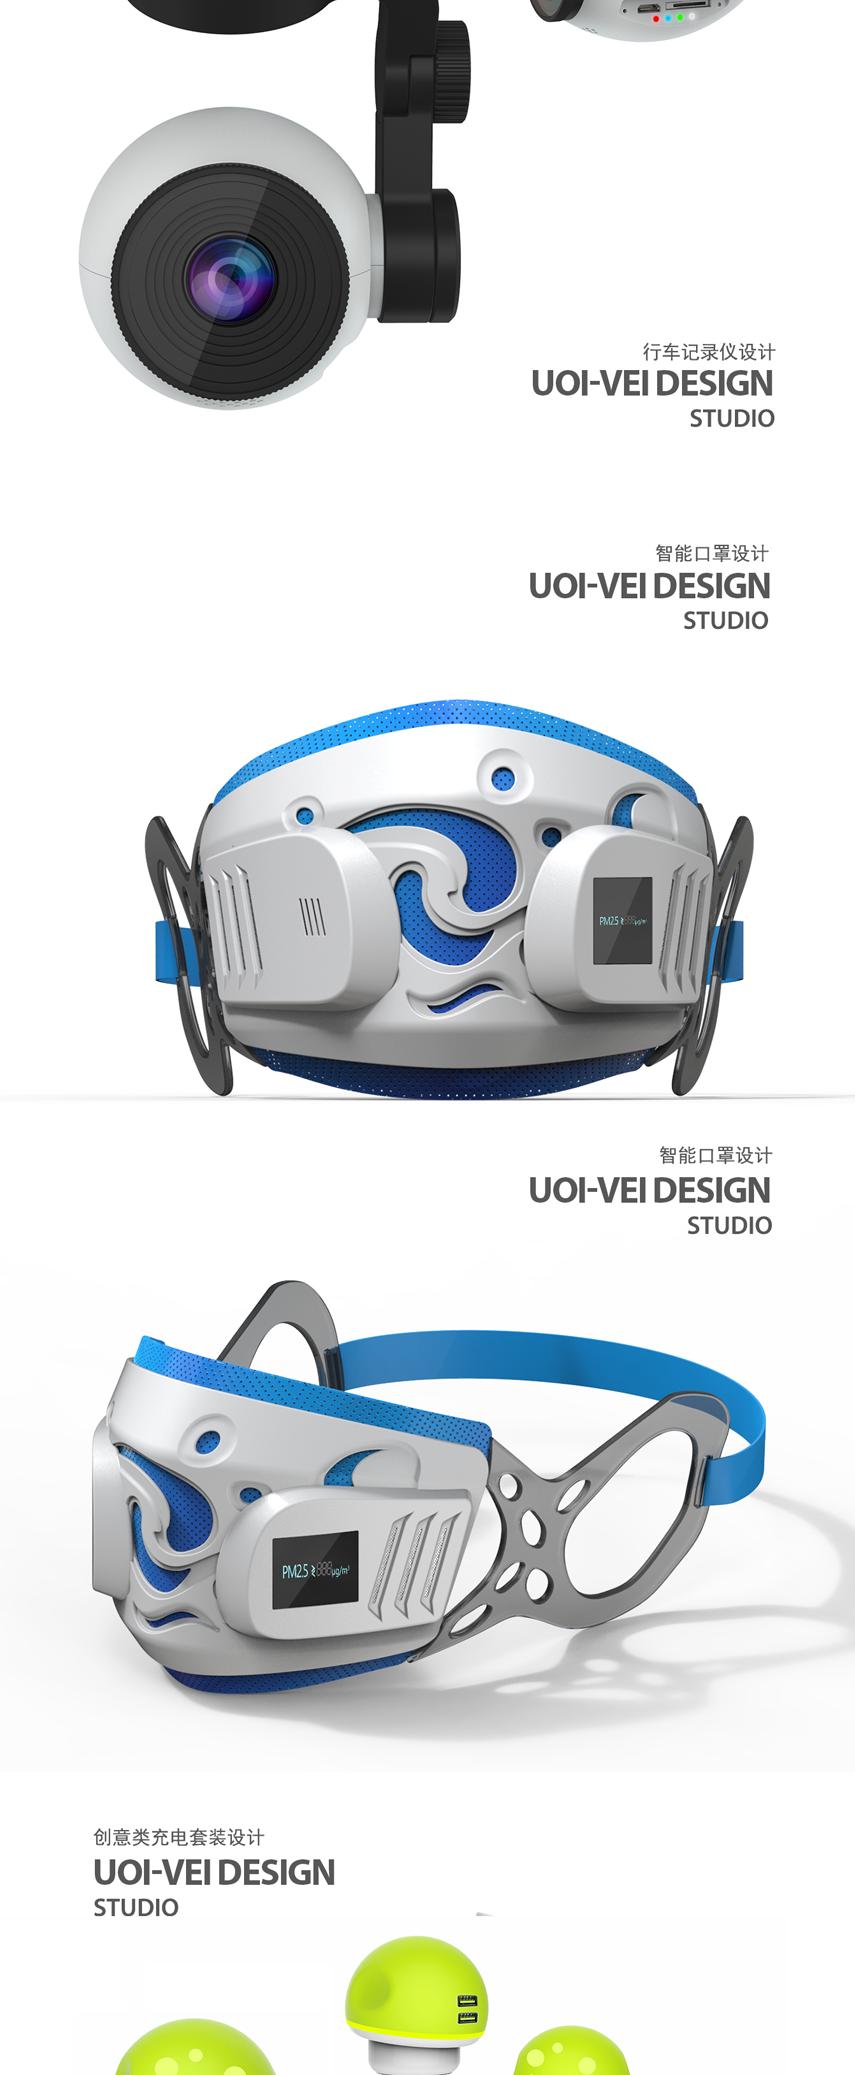 产品外观设计_【产品设计】外观设计工业设计外观设计智能产品设计外观结构设计2